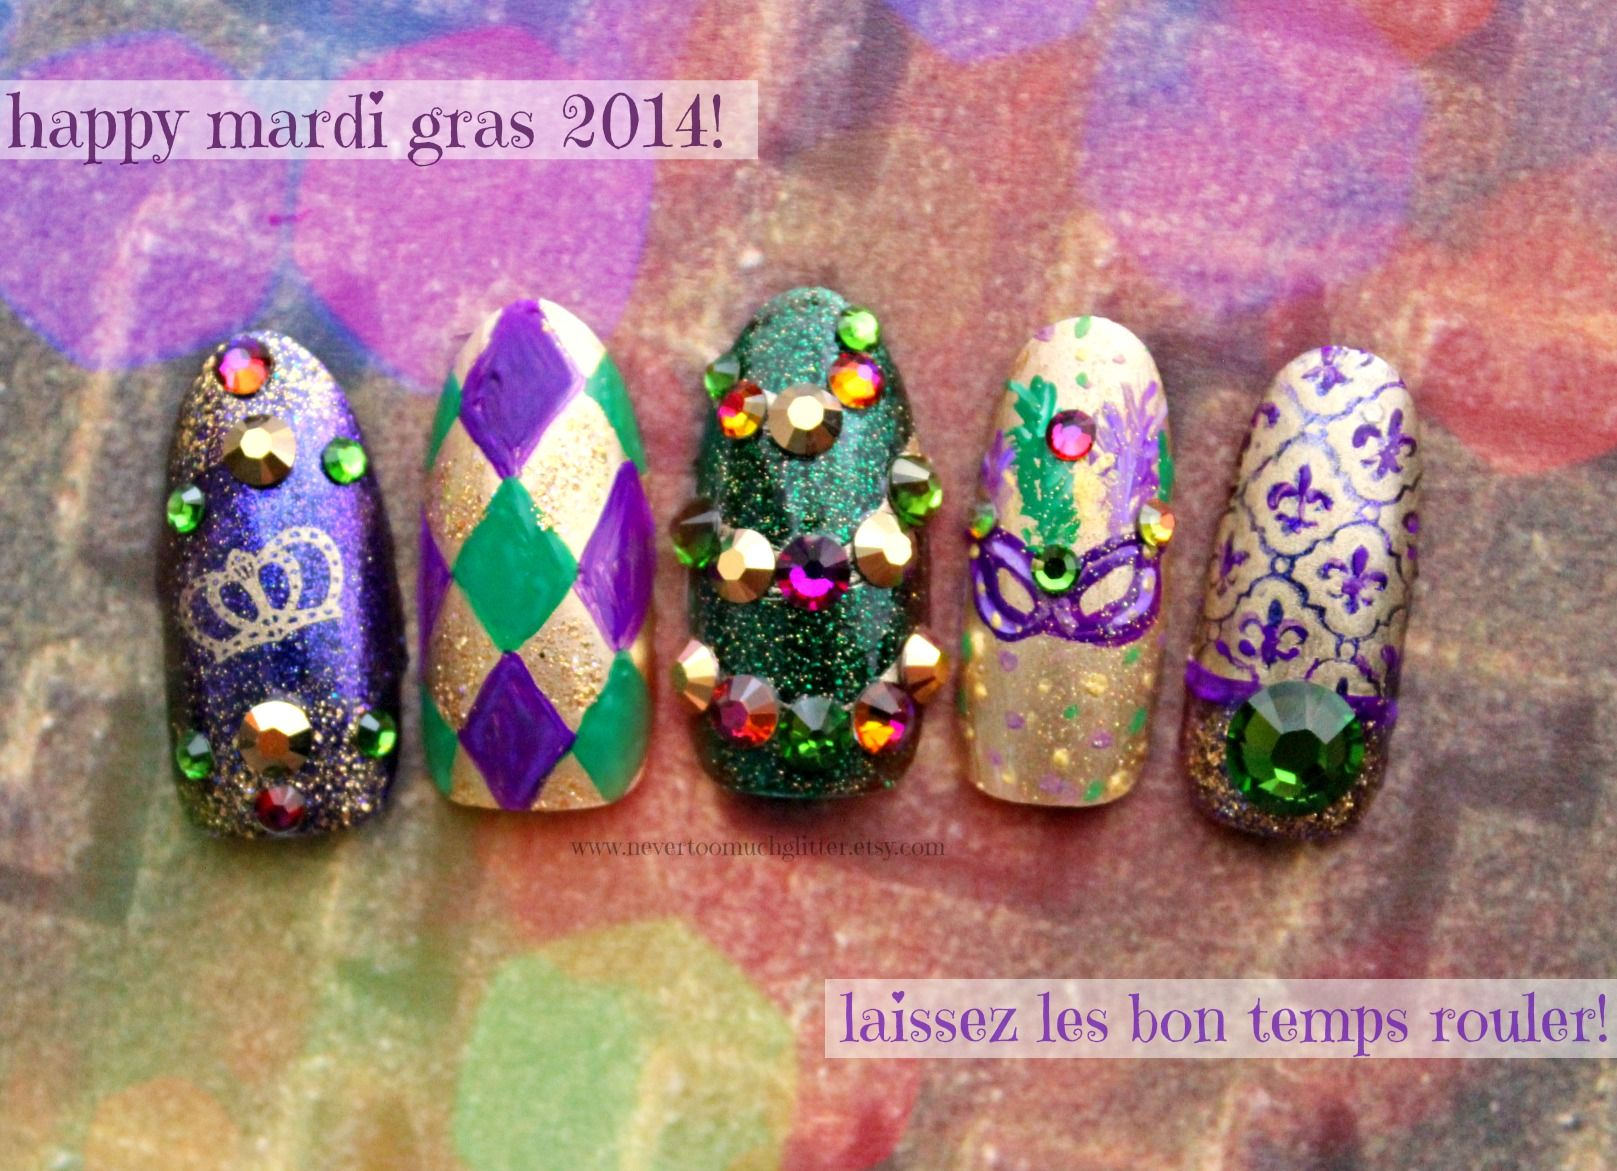 Happy Mardi Gras 2014! | Mardi gras, Holiday nail art and Nail nail